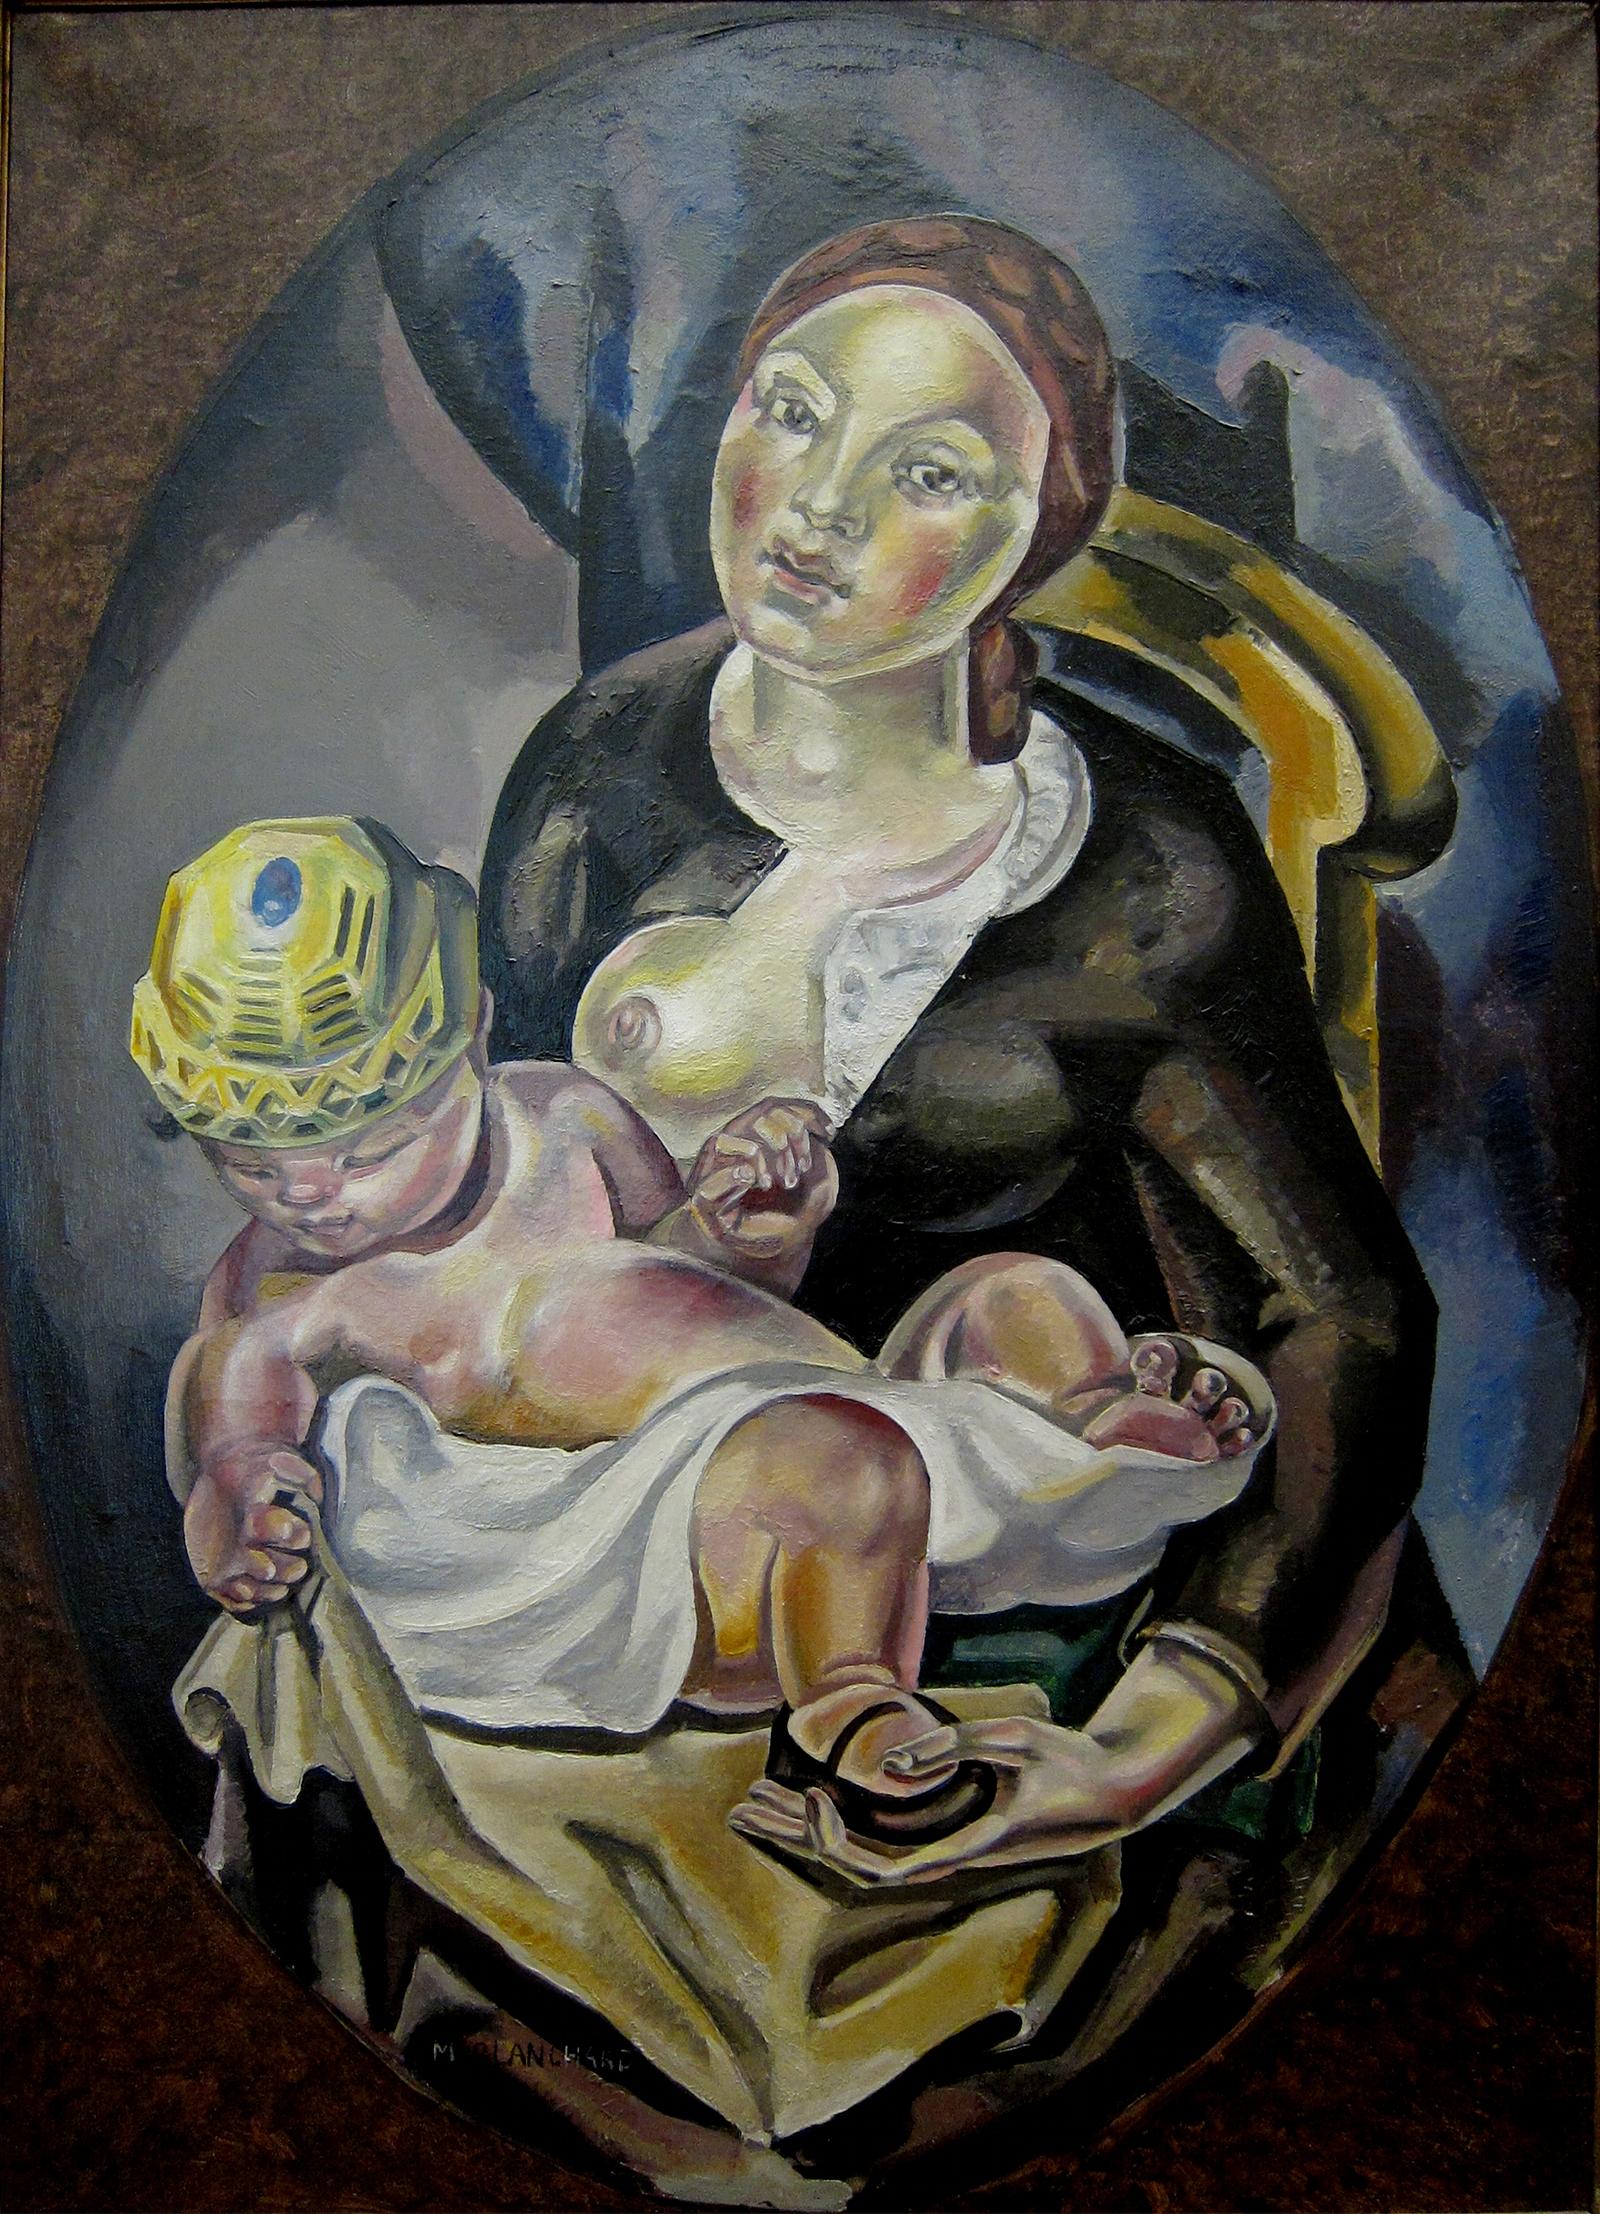 Pintura: Maria Blanchard